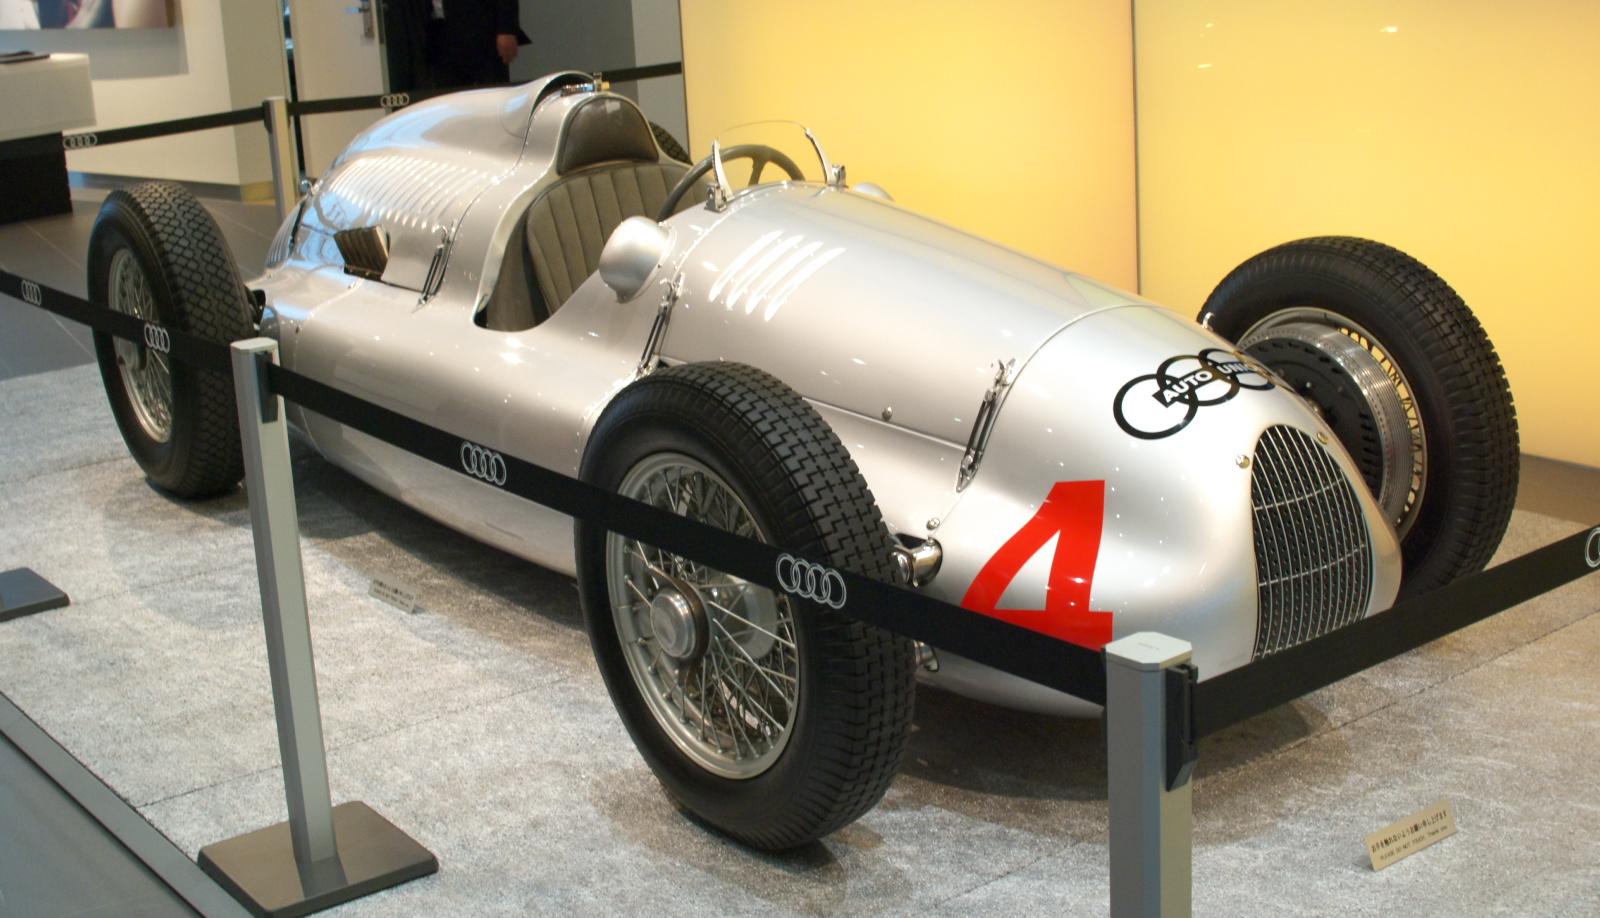 Auto union type d the car club for Garage auto l union